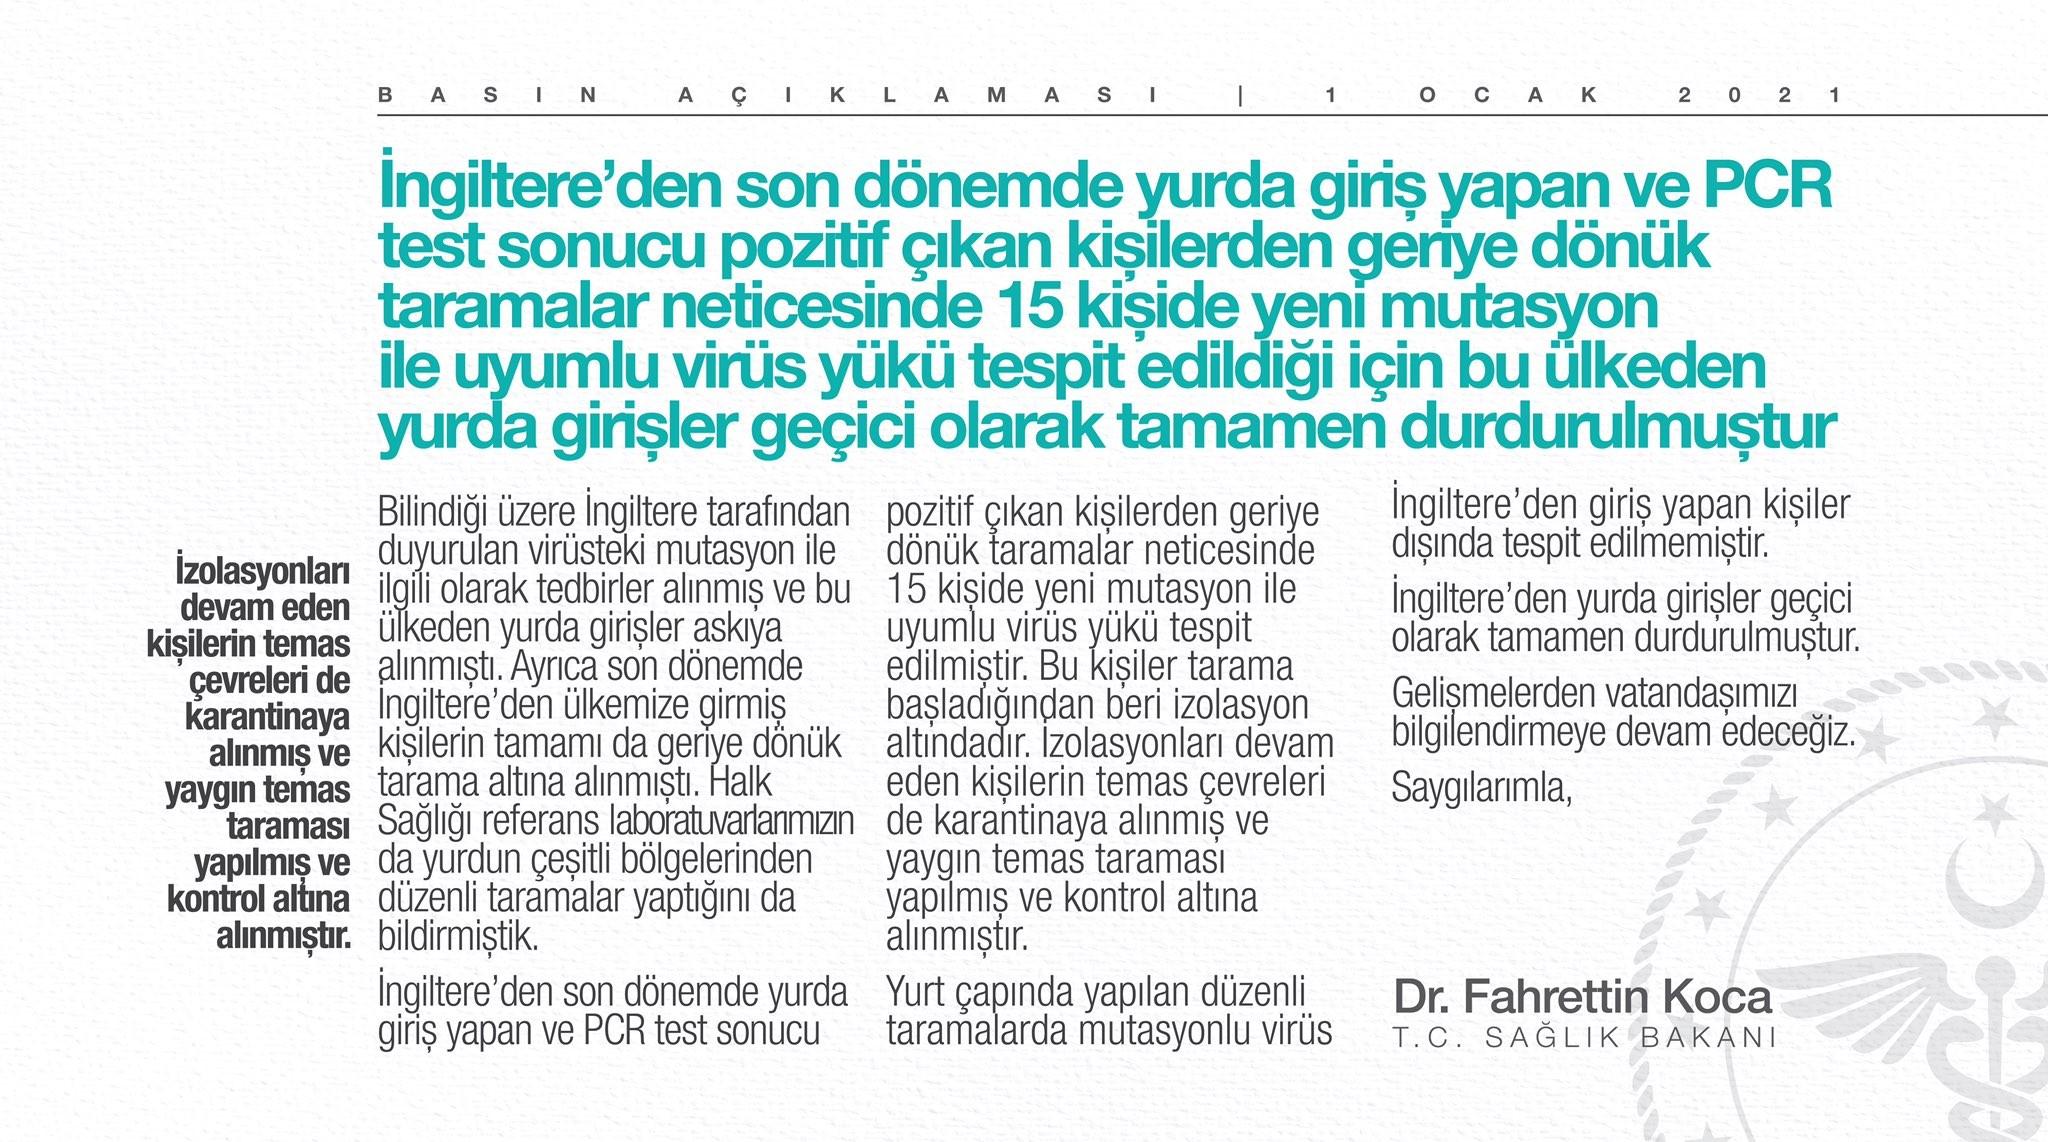 Mutasyona uğramış virüs Türkiye'de de görüldü!